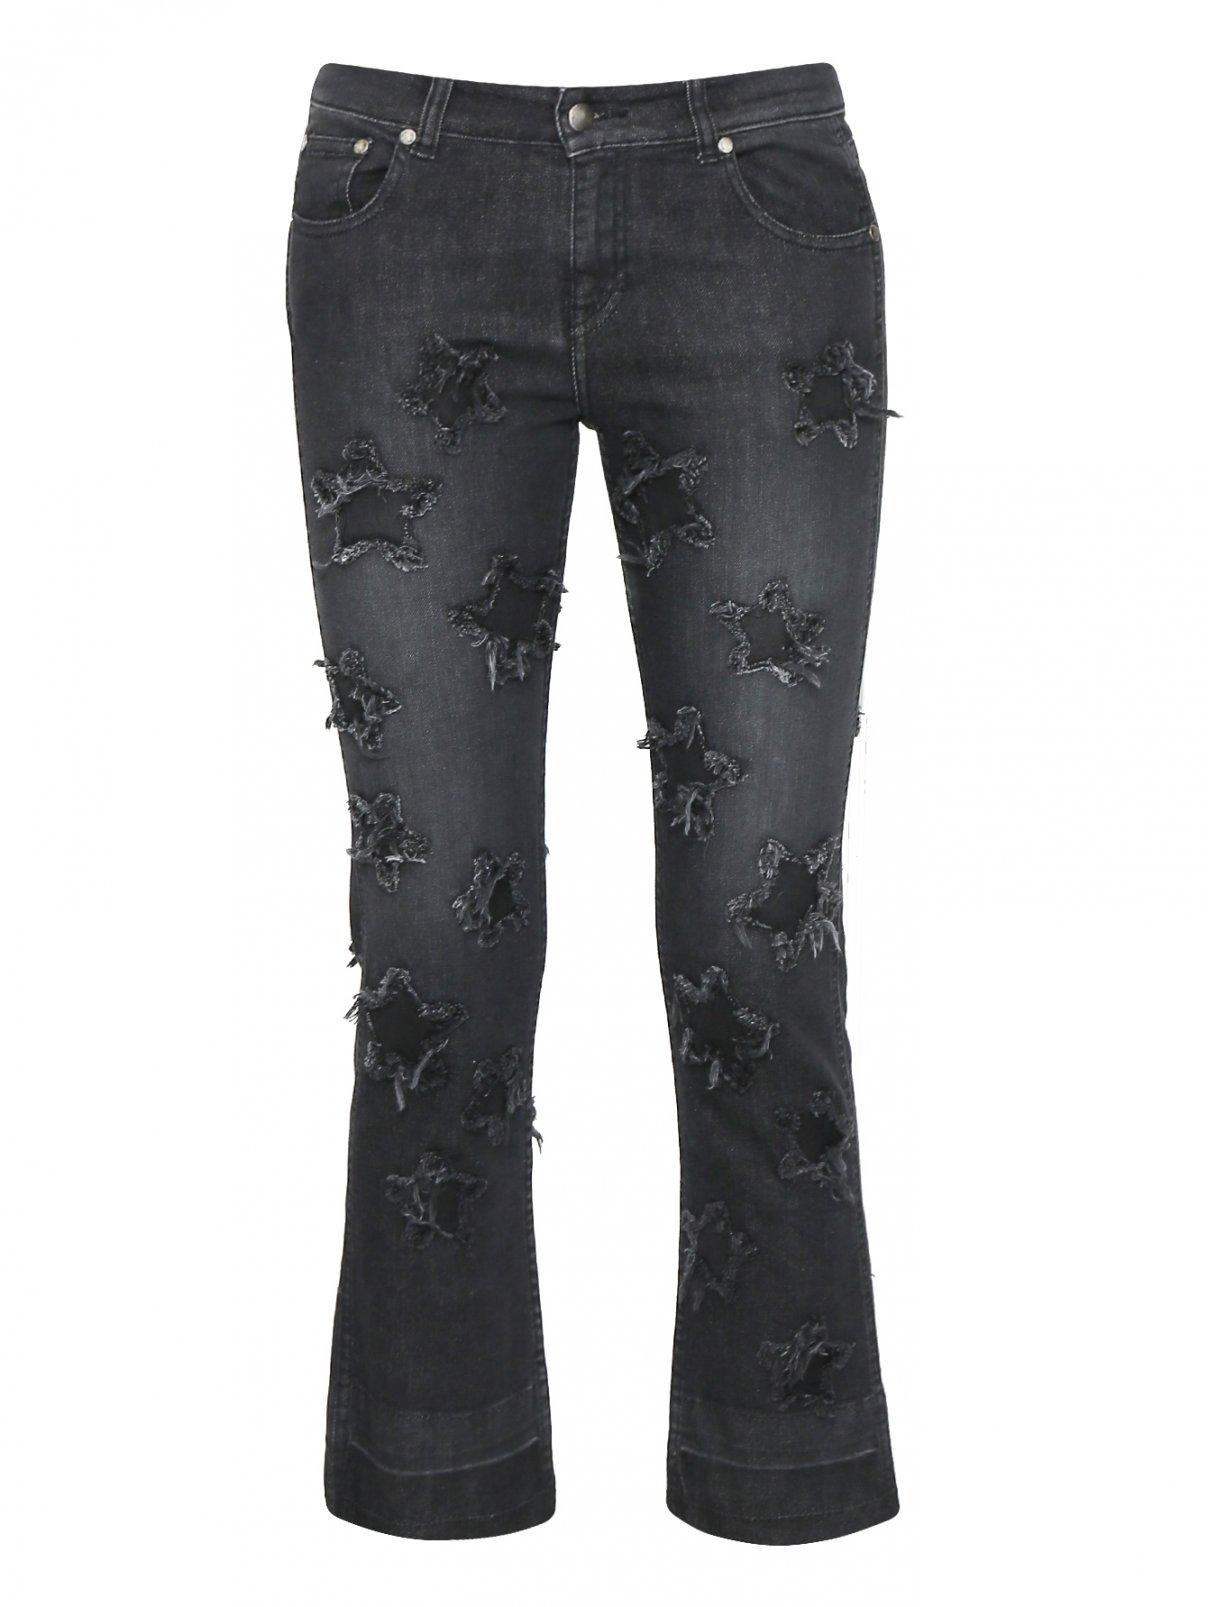 Укороченные джинсы с потертостями Essentiel Antwerp  –  Общий вид  – Цвет:  Черный